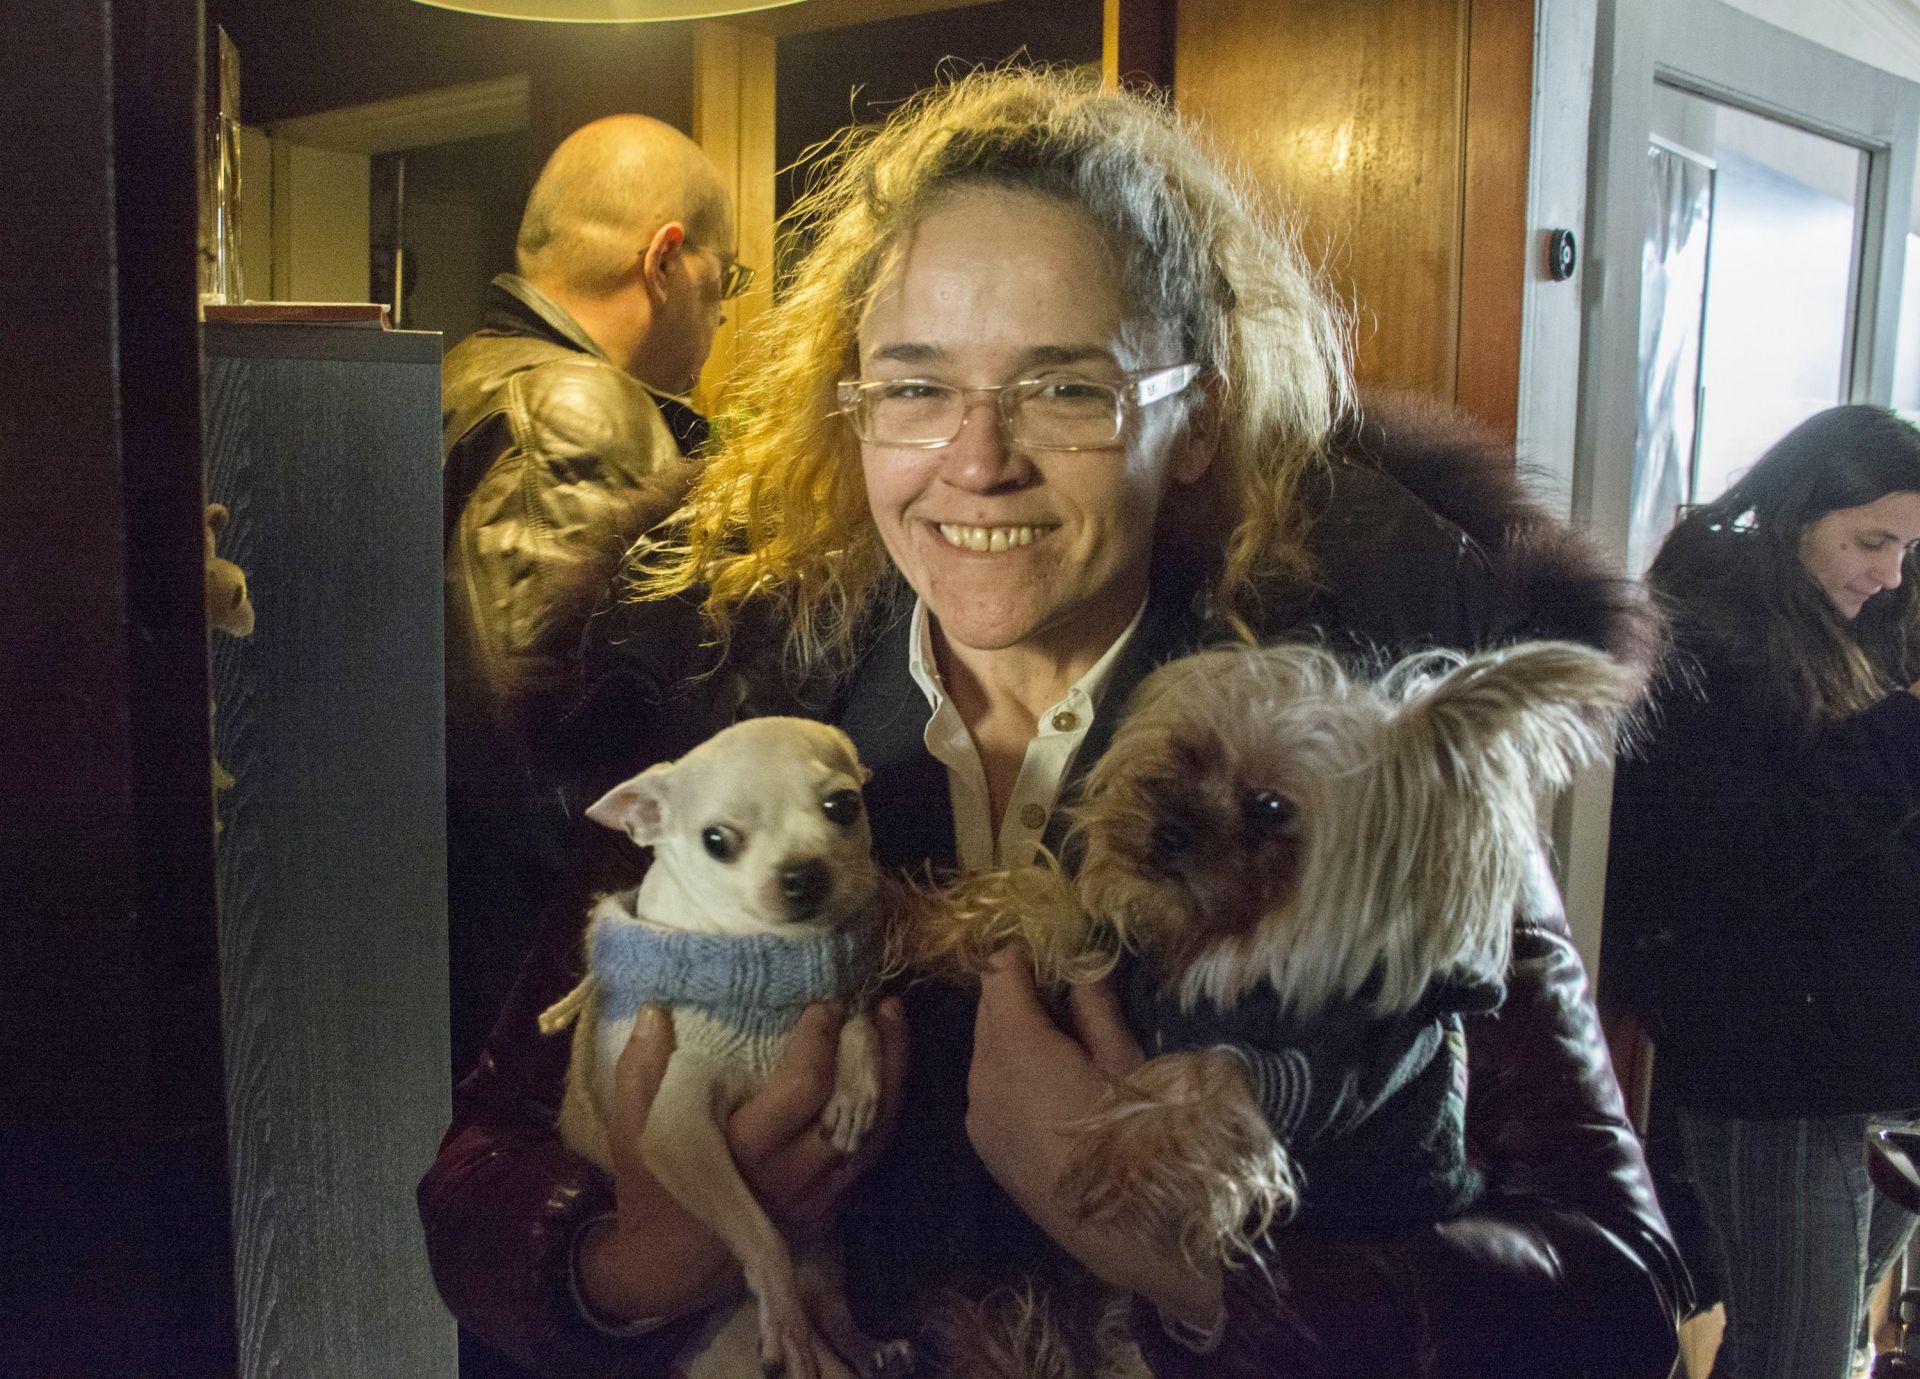 Иванчева се показа на входа на дома си с двете си кучета, видимо щастлива